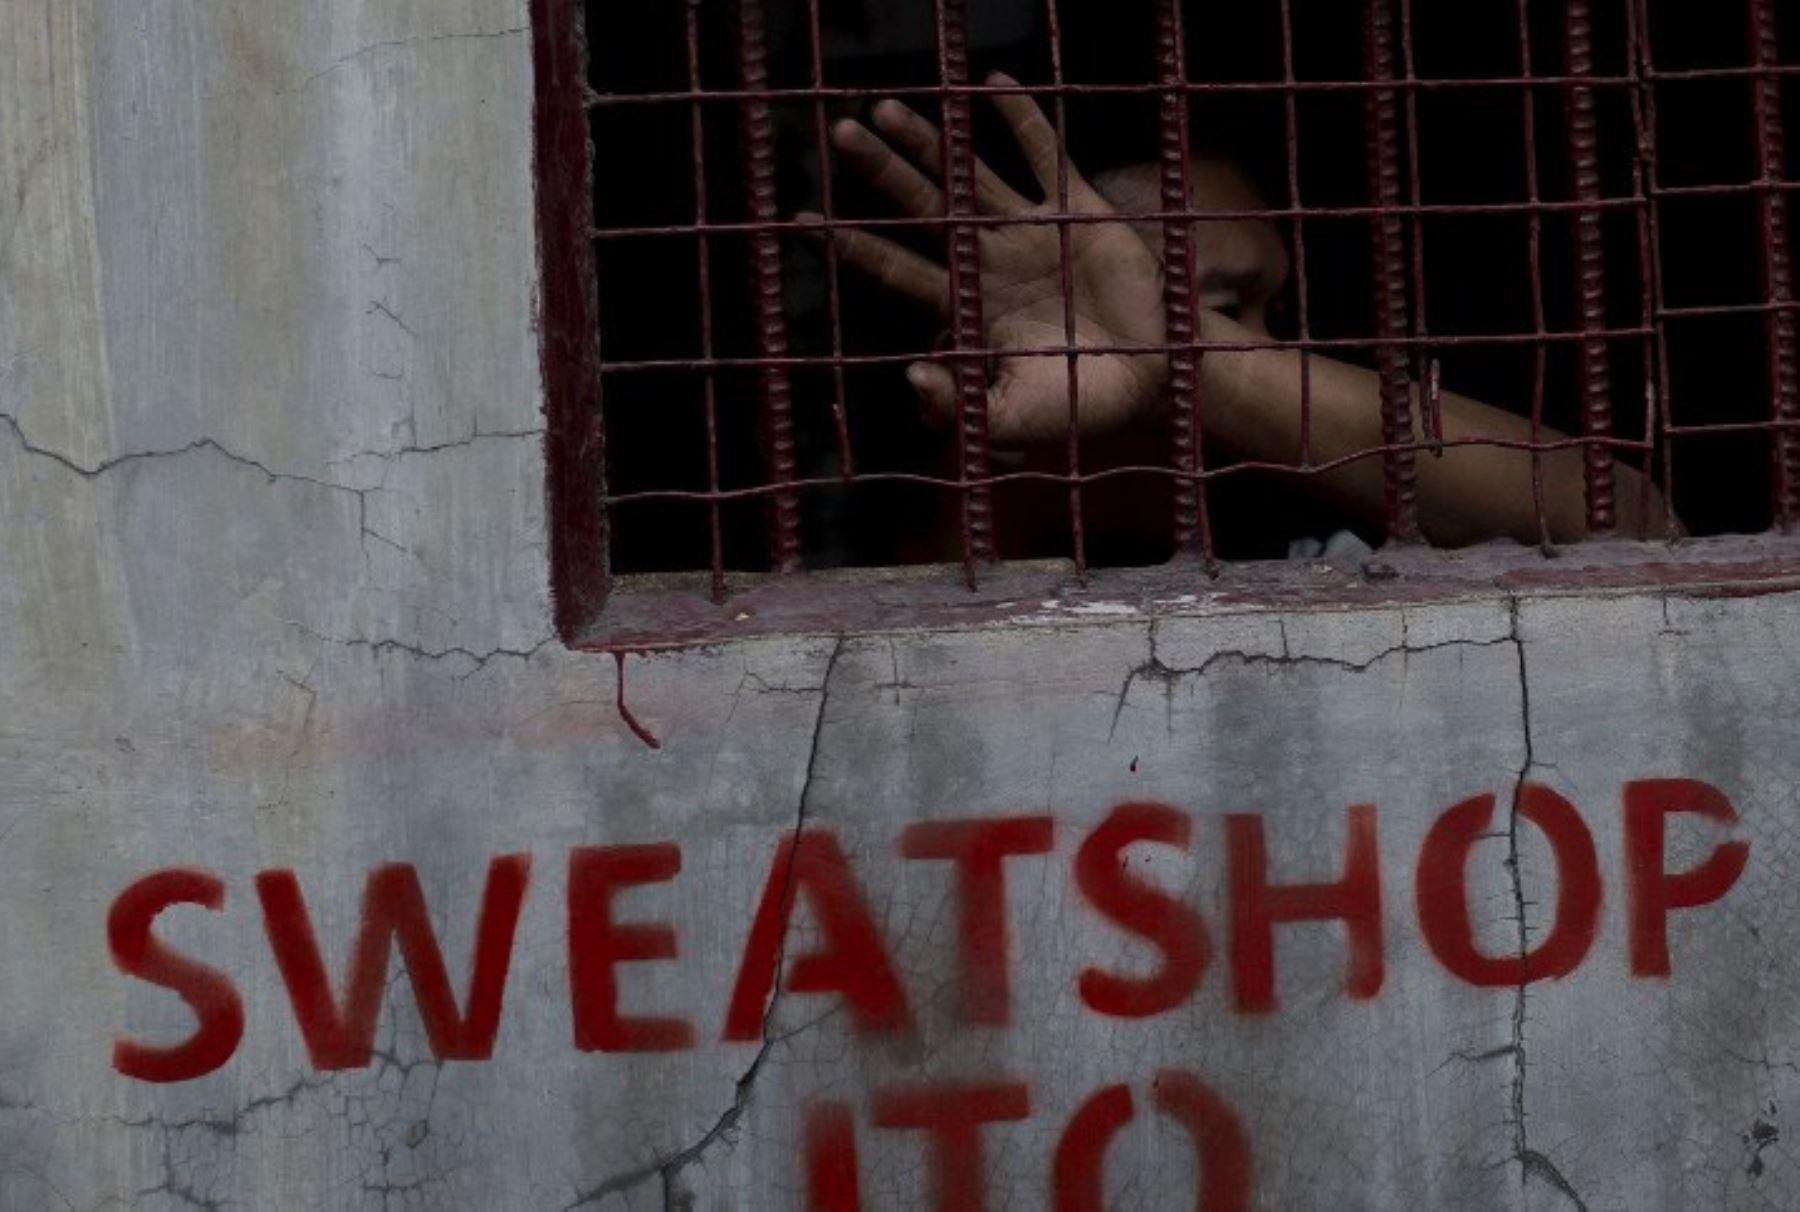 Un trabajador de la fábrica de calzado se asoma desde la ventana frente a las puertas de una fábrica de calzado, nueve días después que la fábrica fuera destruida por un incendio matando a 72 de sus trabajadores.Foto:AFP